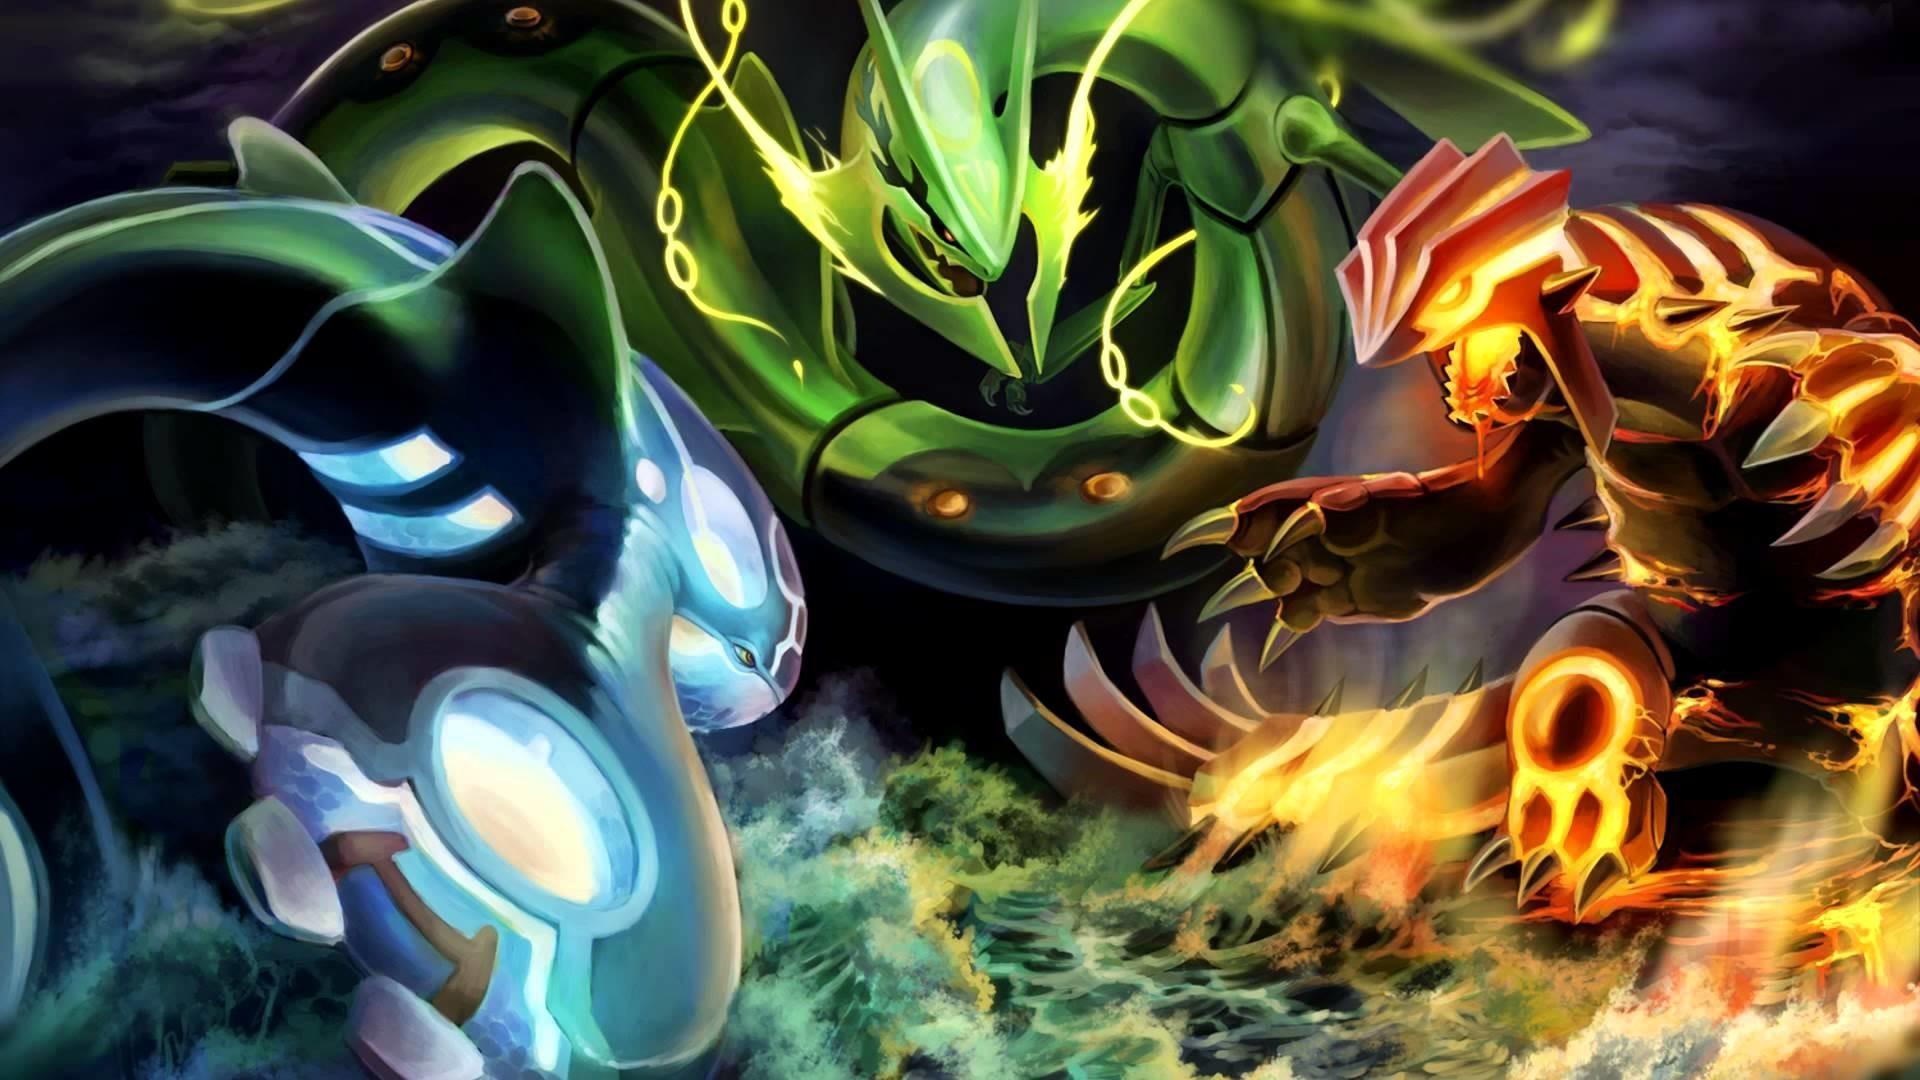 Res: 1920x1080, Legendary Pokemon Wallpaper